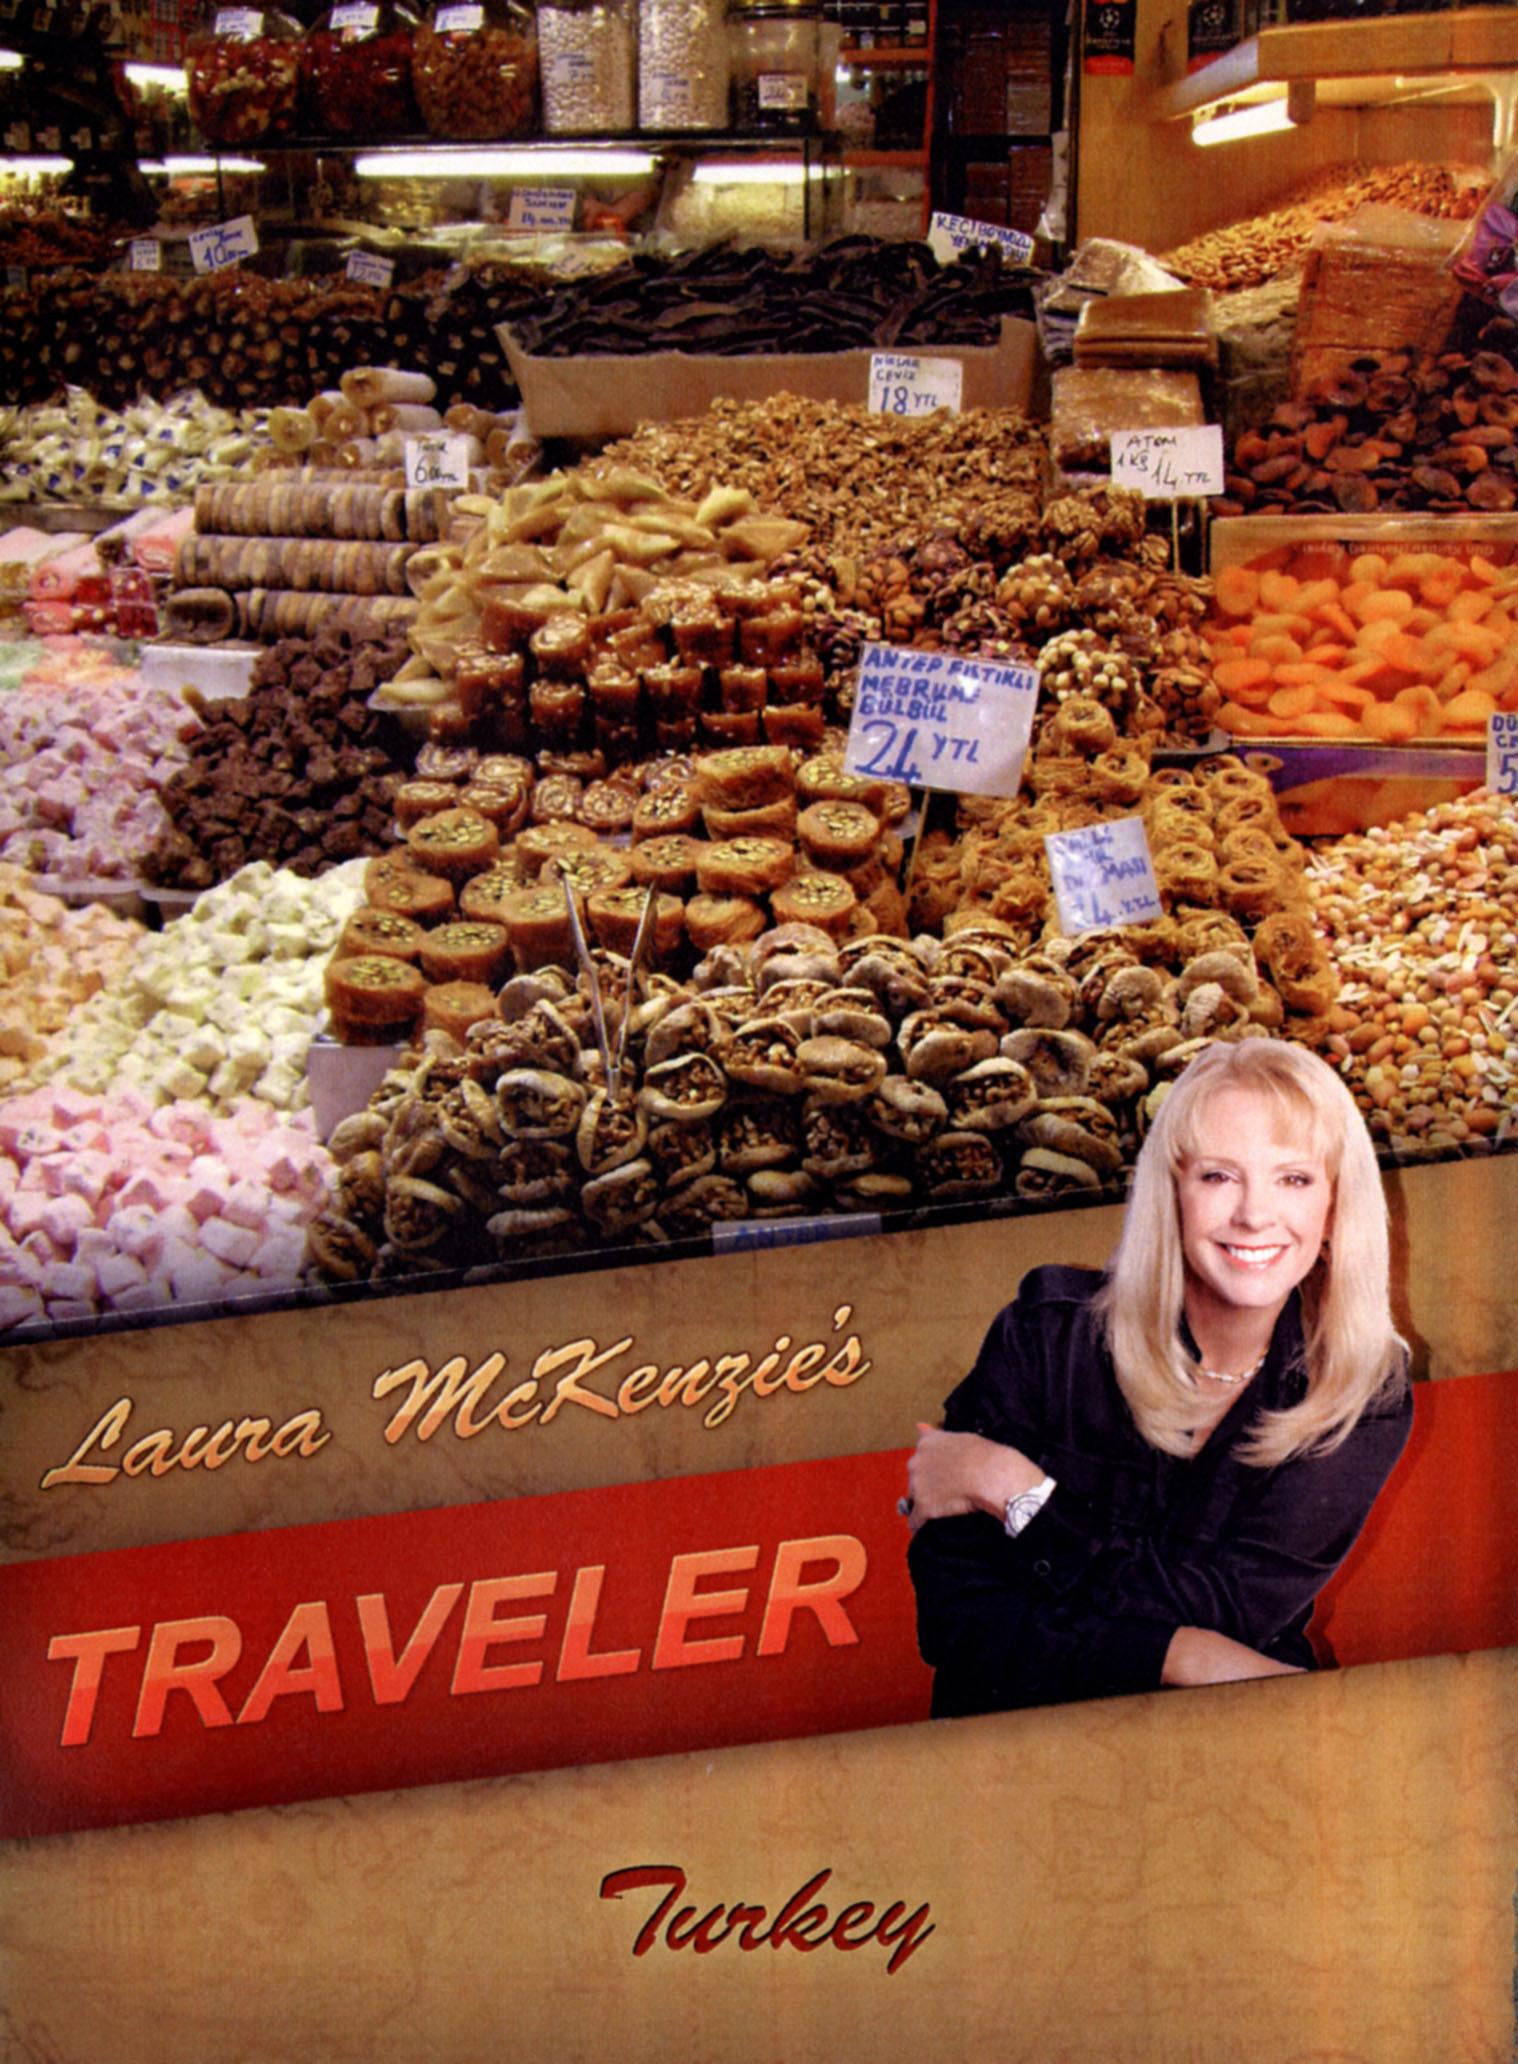 Laura McKenzie's Traveler: Turkey